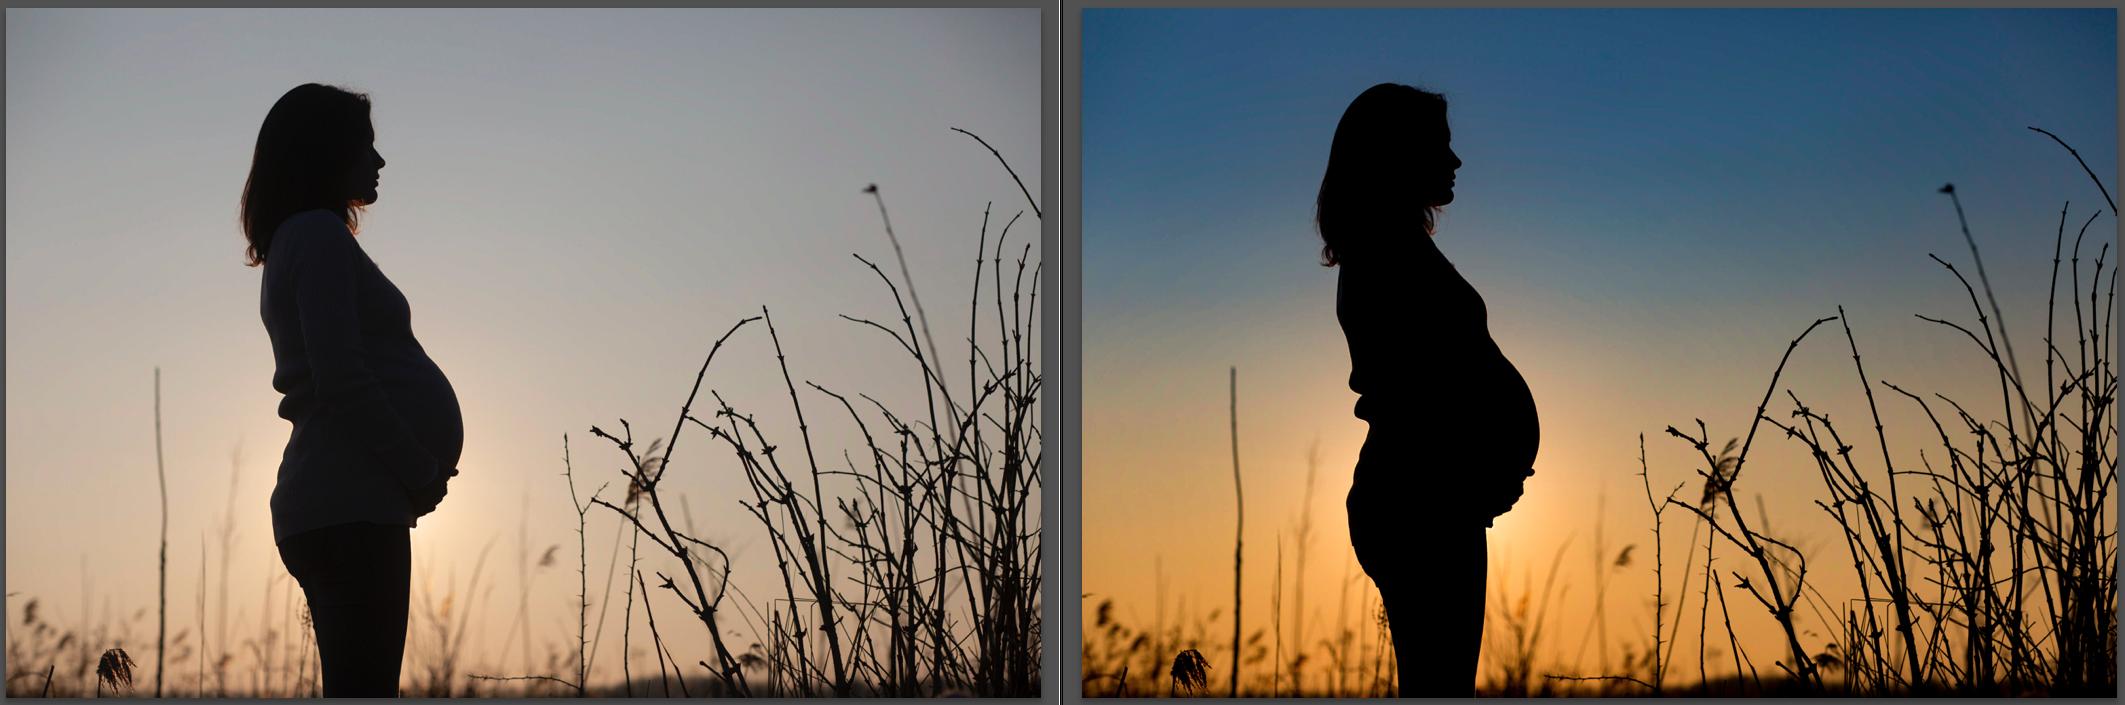 Hoe maak ik een silhouette foto lightroom